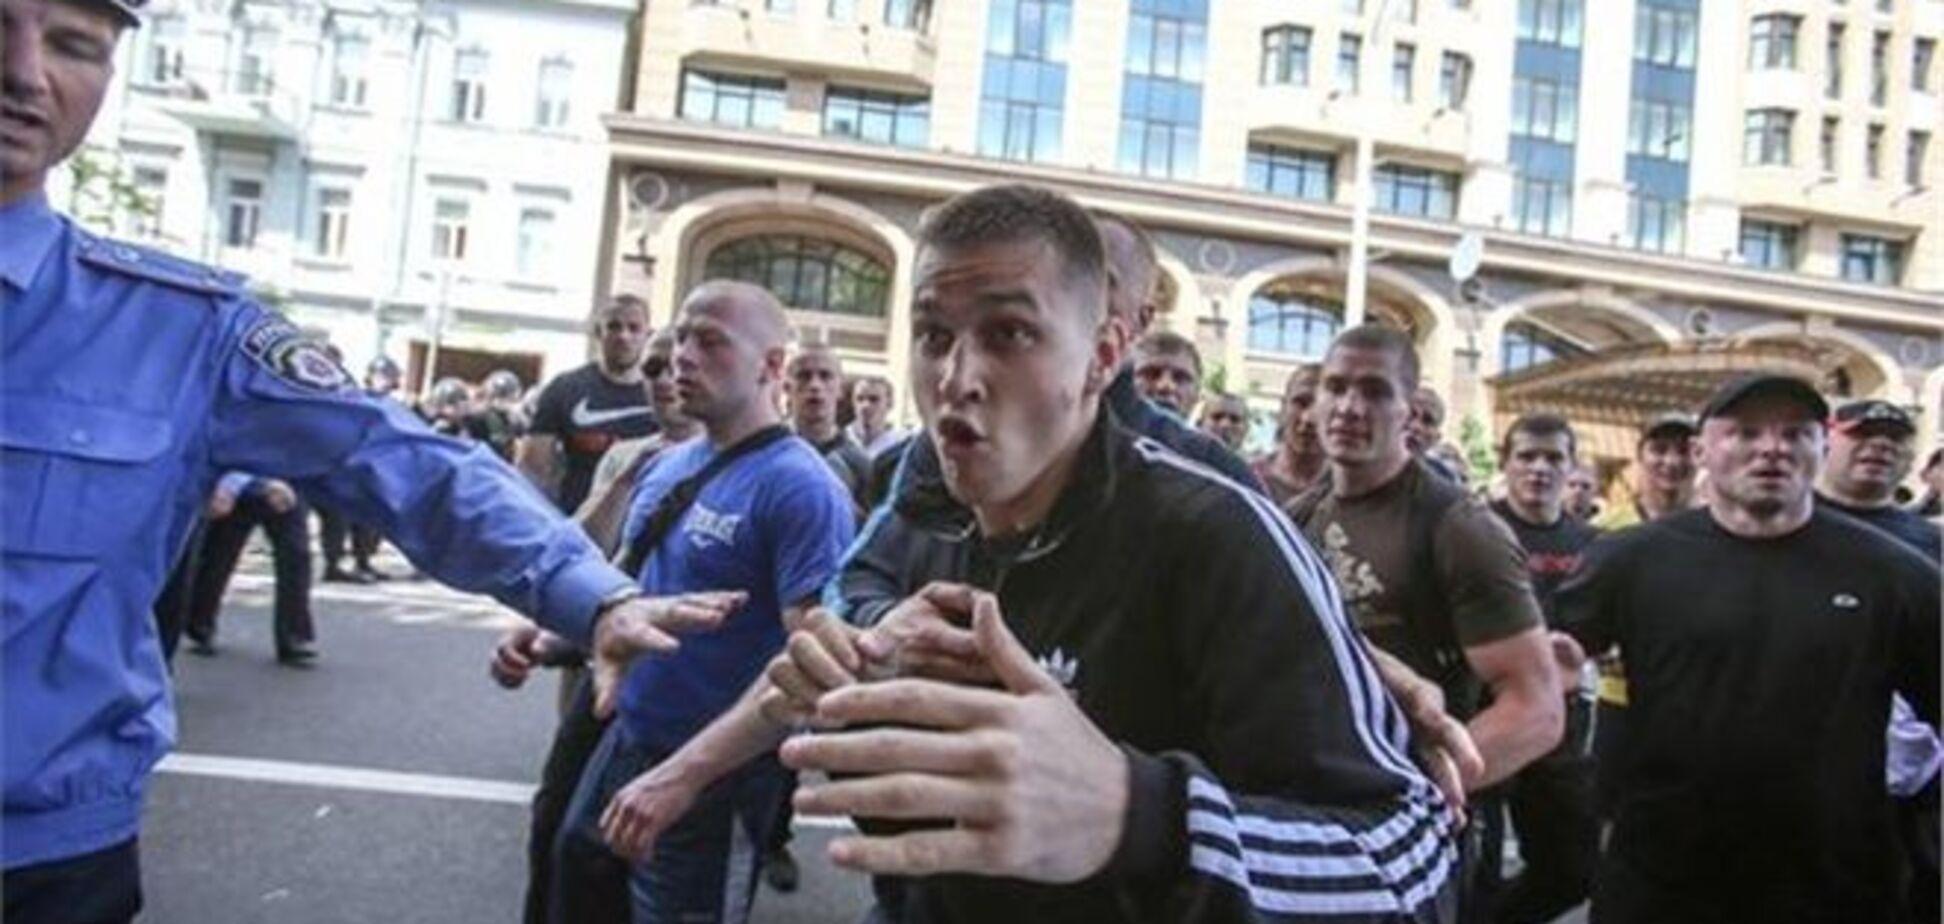 Суд огласил приговор Титушко за избиение журналистов